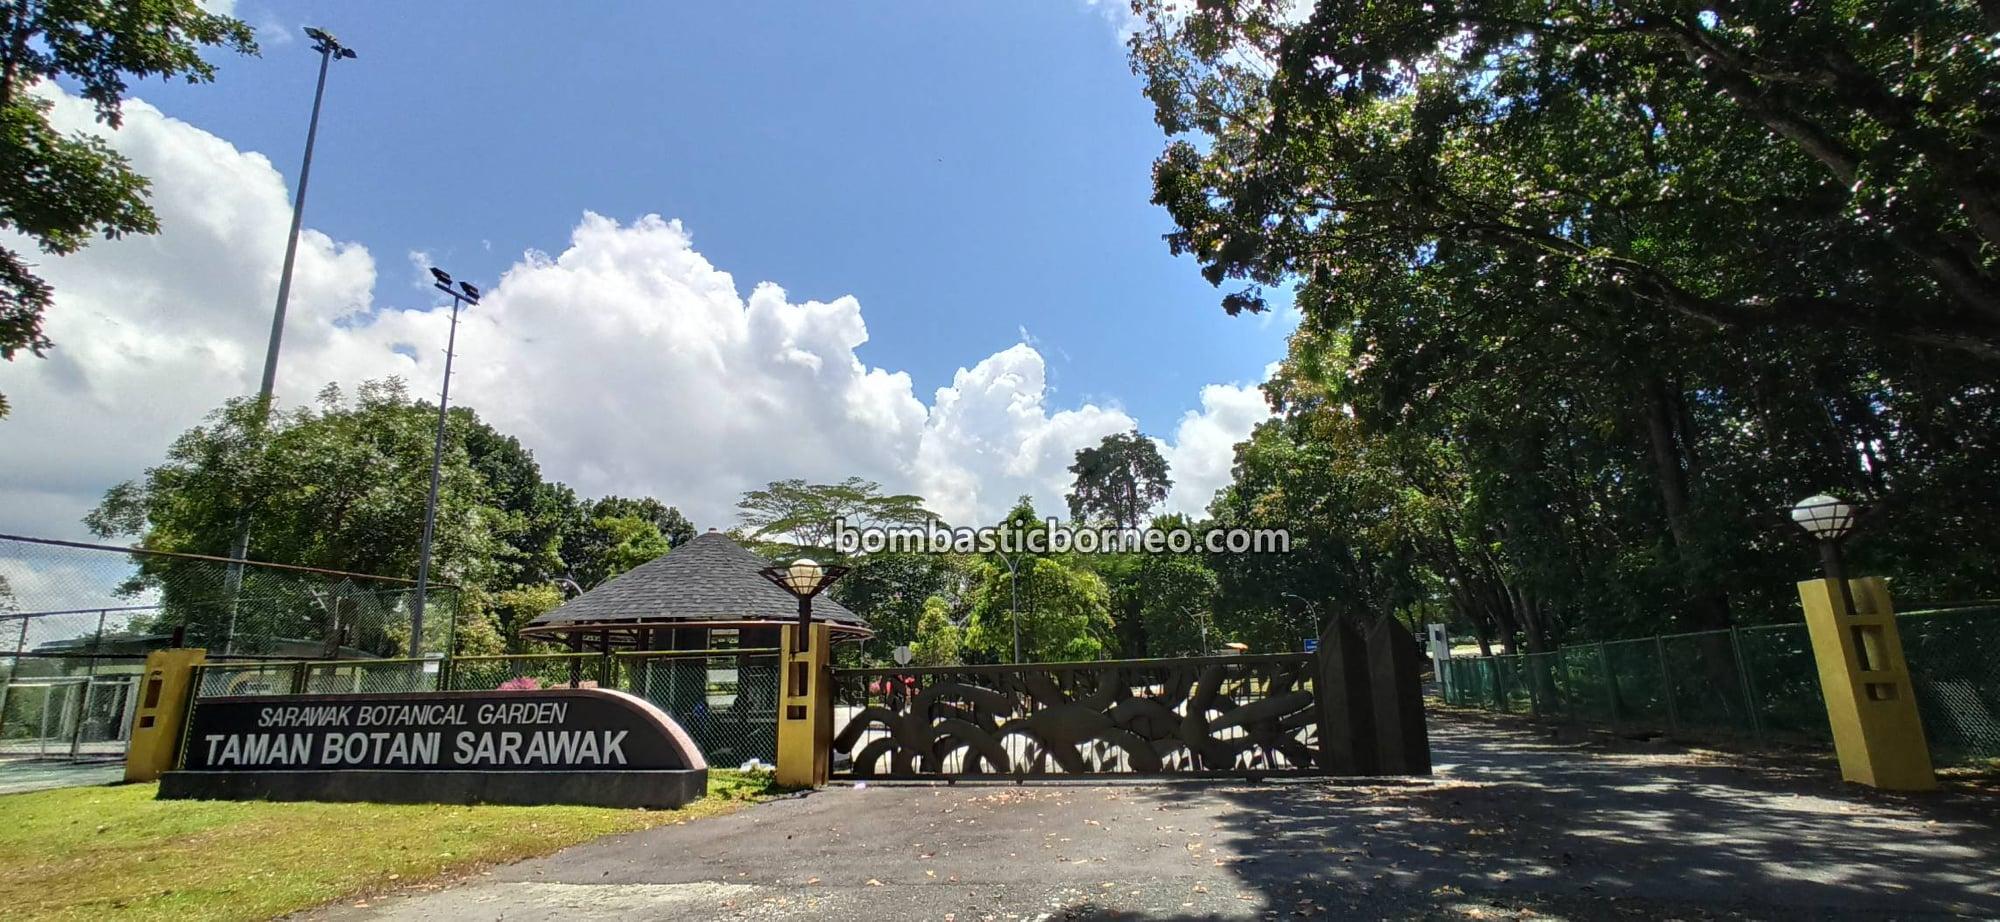 Taman Botani Sarawak, recreational park, tempat senaman, outdoor, exercise, jogging, cycling, destination, exploration, Borneo, Tourism, travel locally, 婆罗洲游踪, 马来西亚砂拉越, 古晋植物园景点